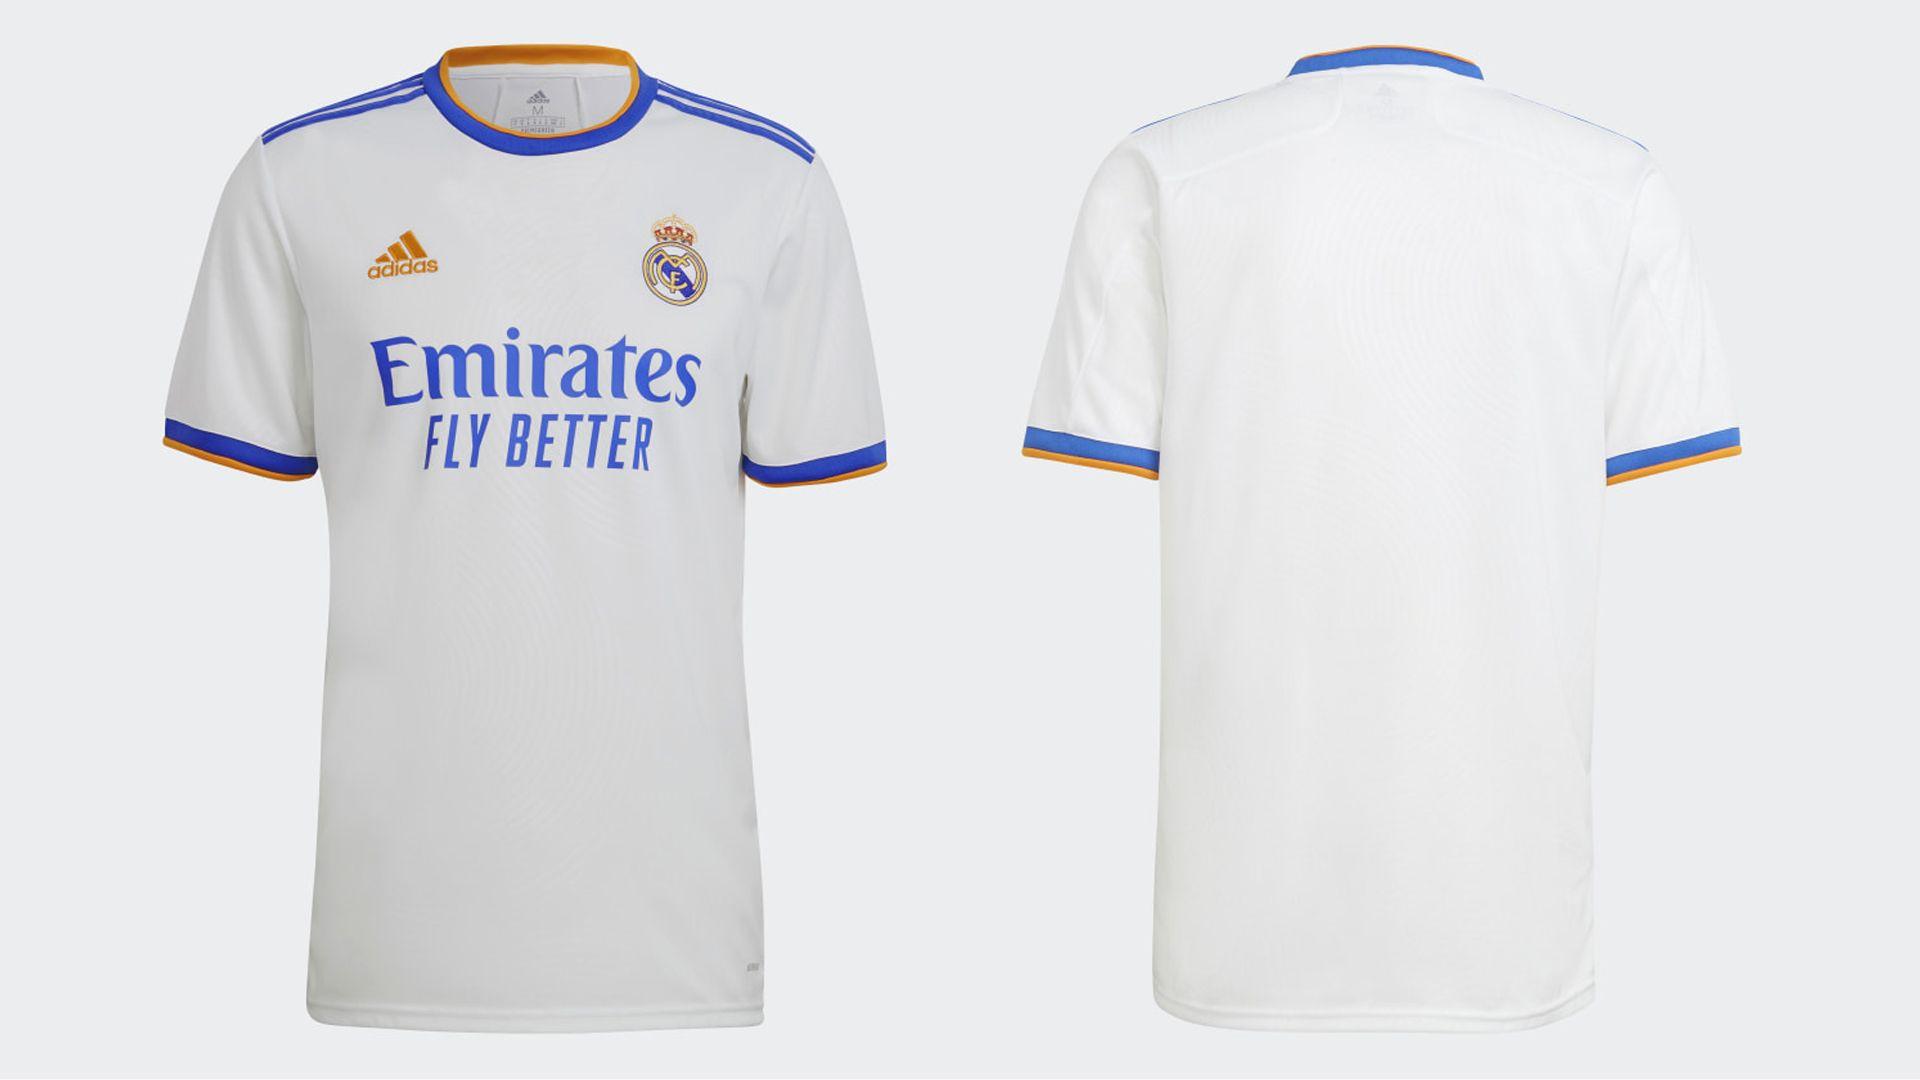 Camisa do Real Madrid 2021 (Imagem: Divulgação/Adidas)